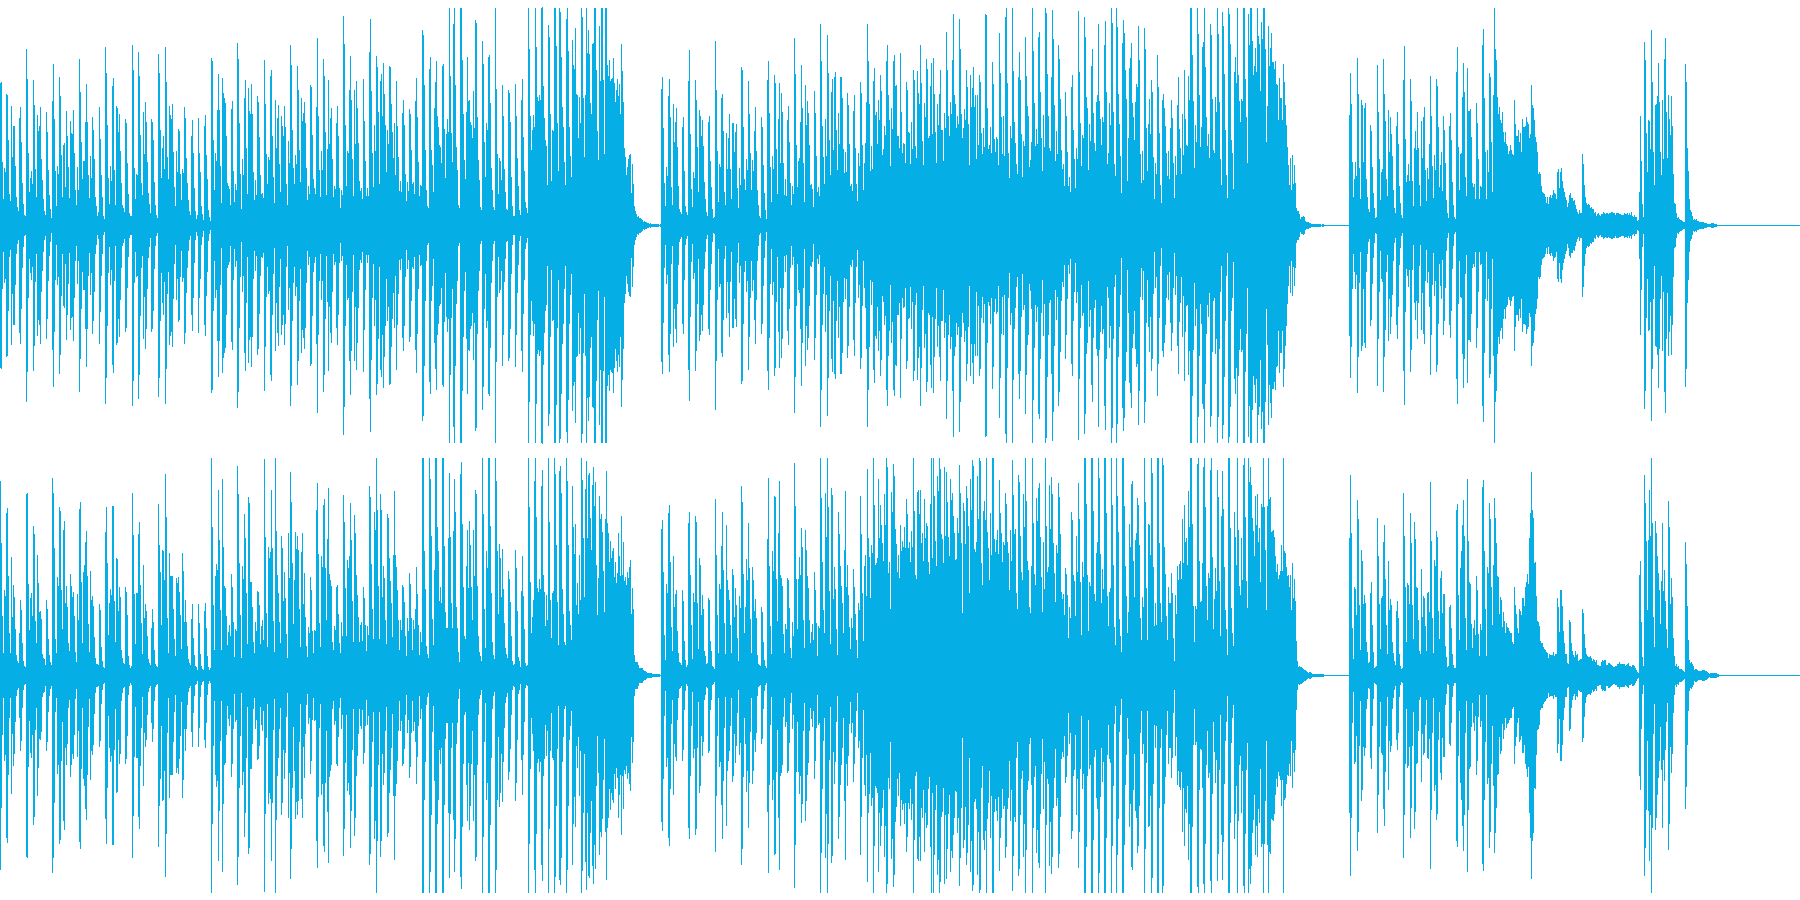 雨を連想させる跳ねたリズムのピアノソロの再生済みの波形